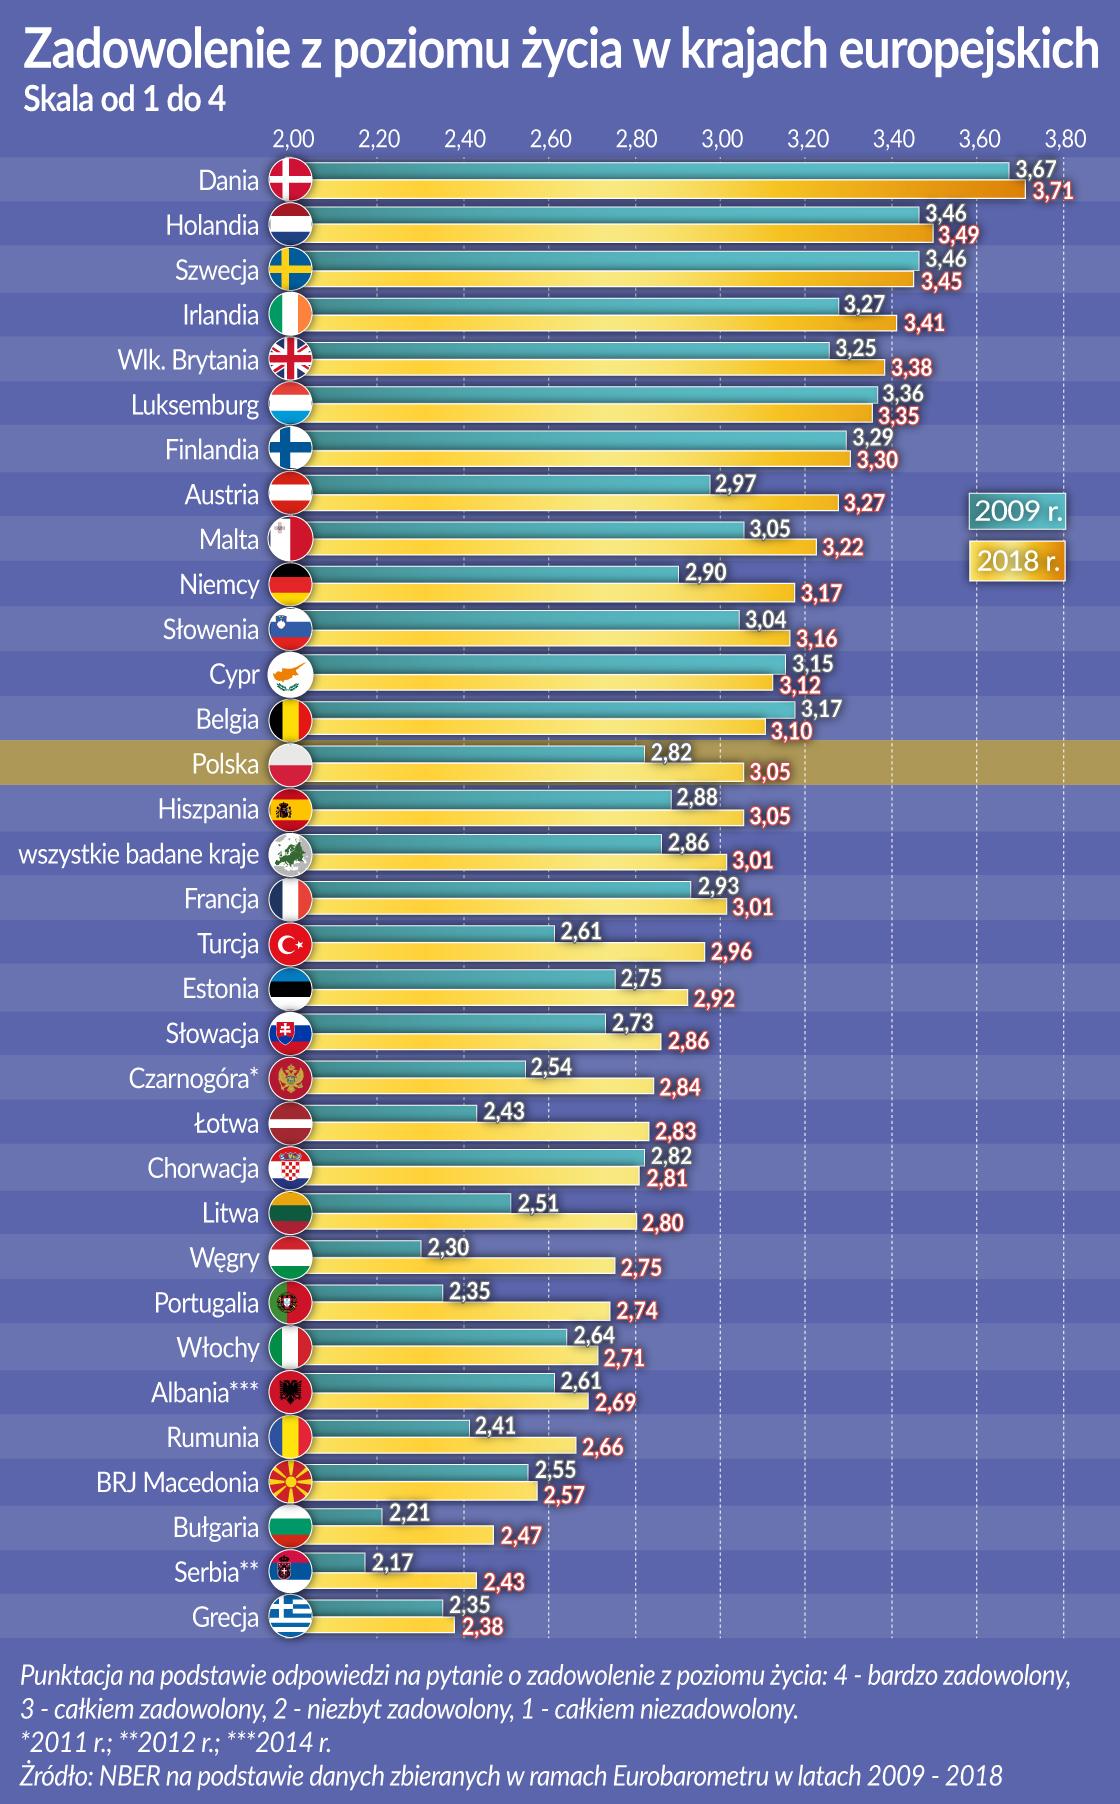 Zadowolenie z poziomu zycia w kr. eur.